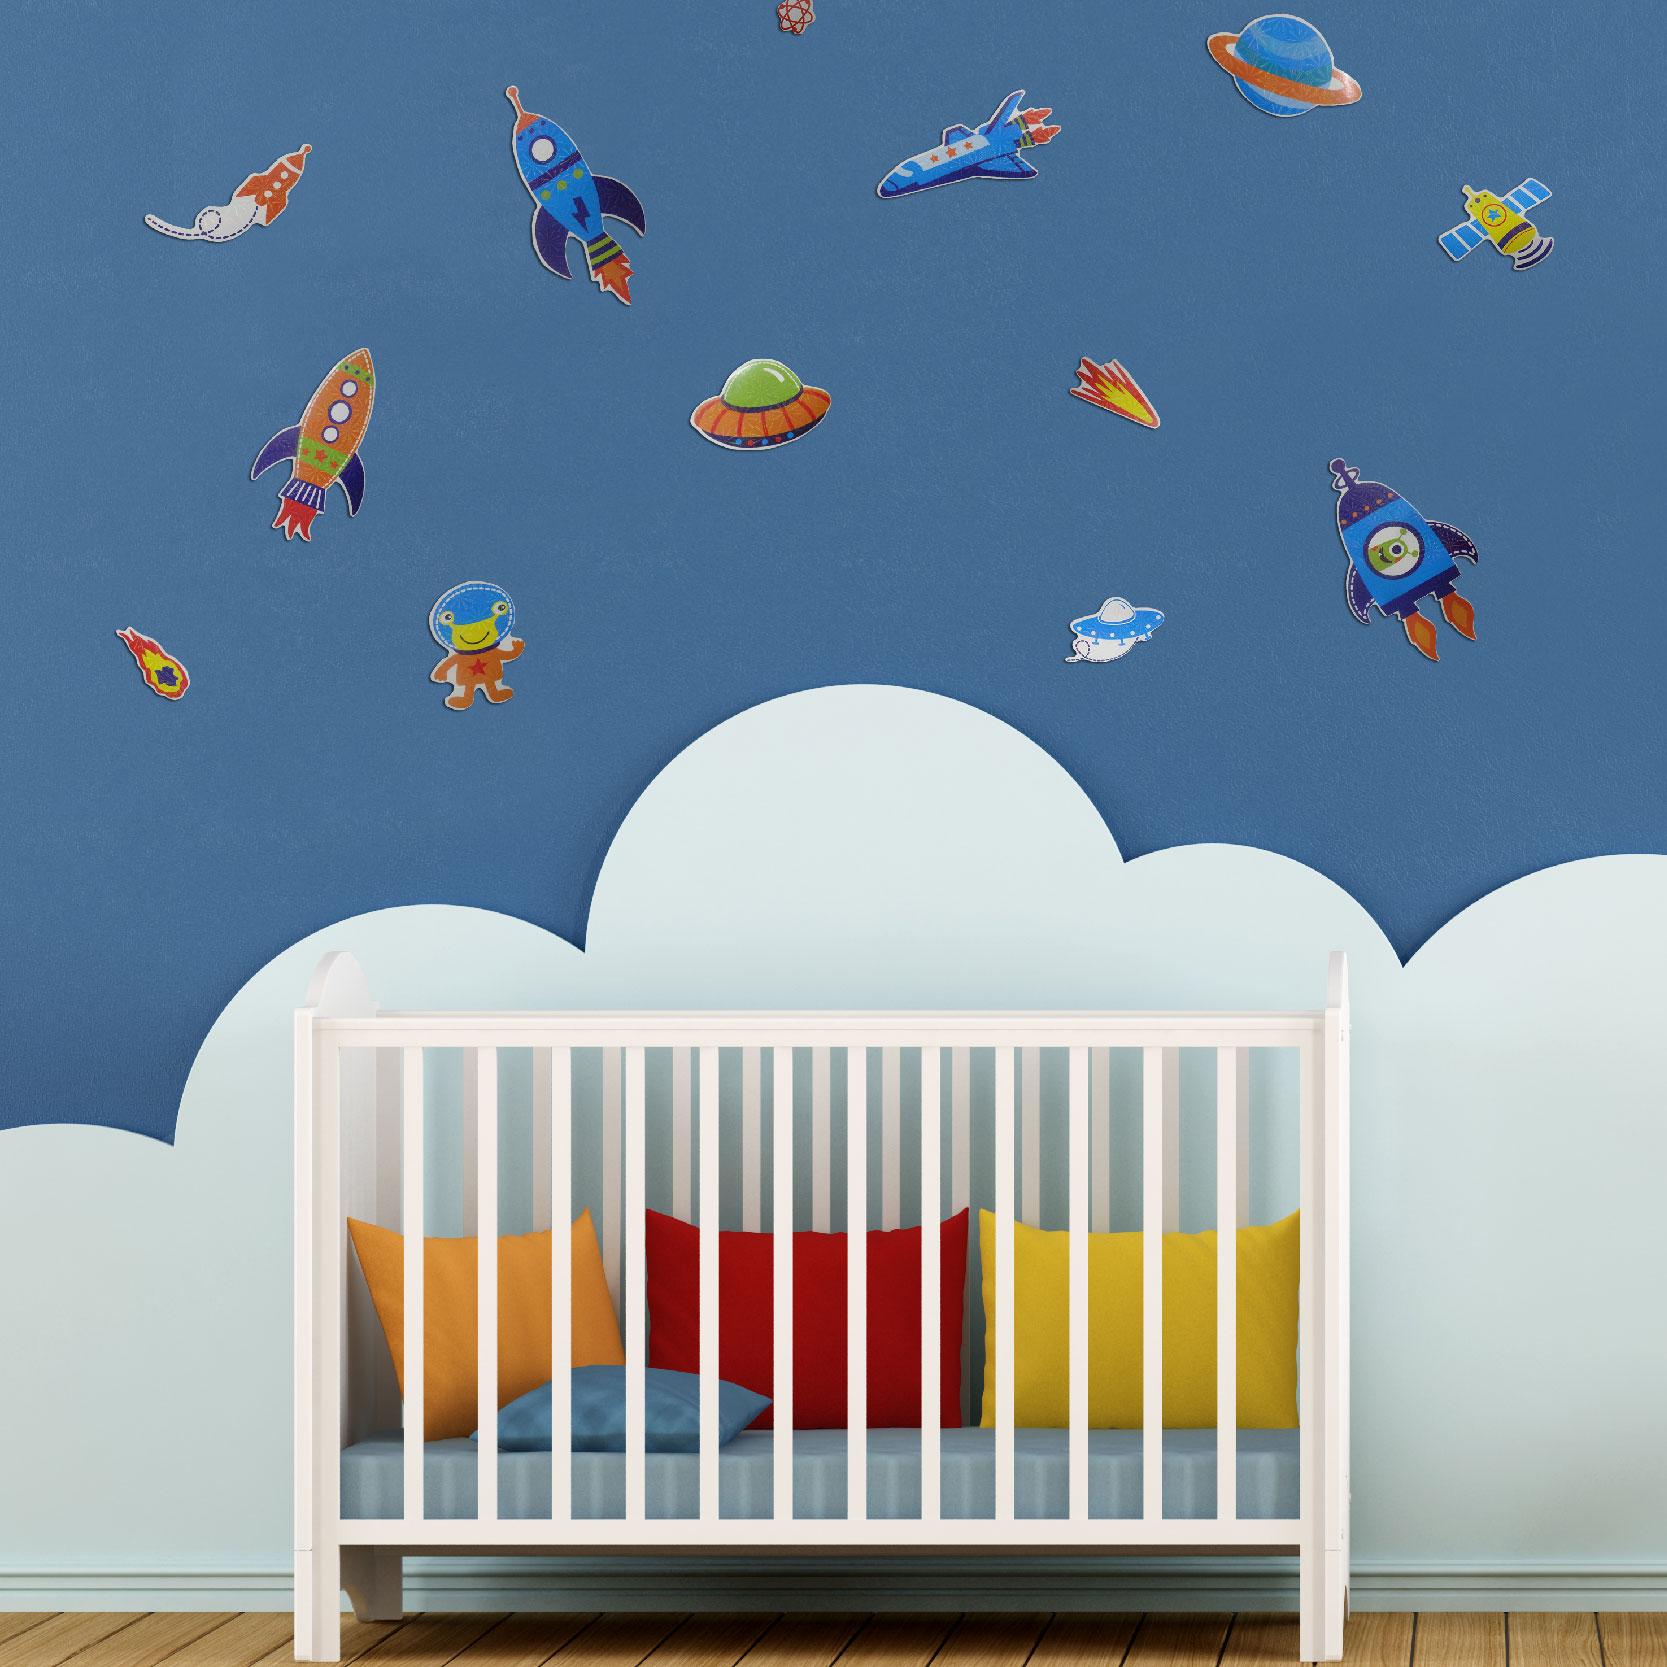 Adesivos 3D infantis decorativos Grande-2572